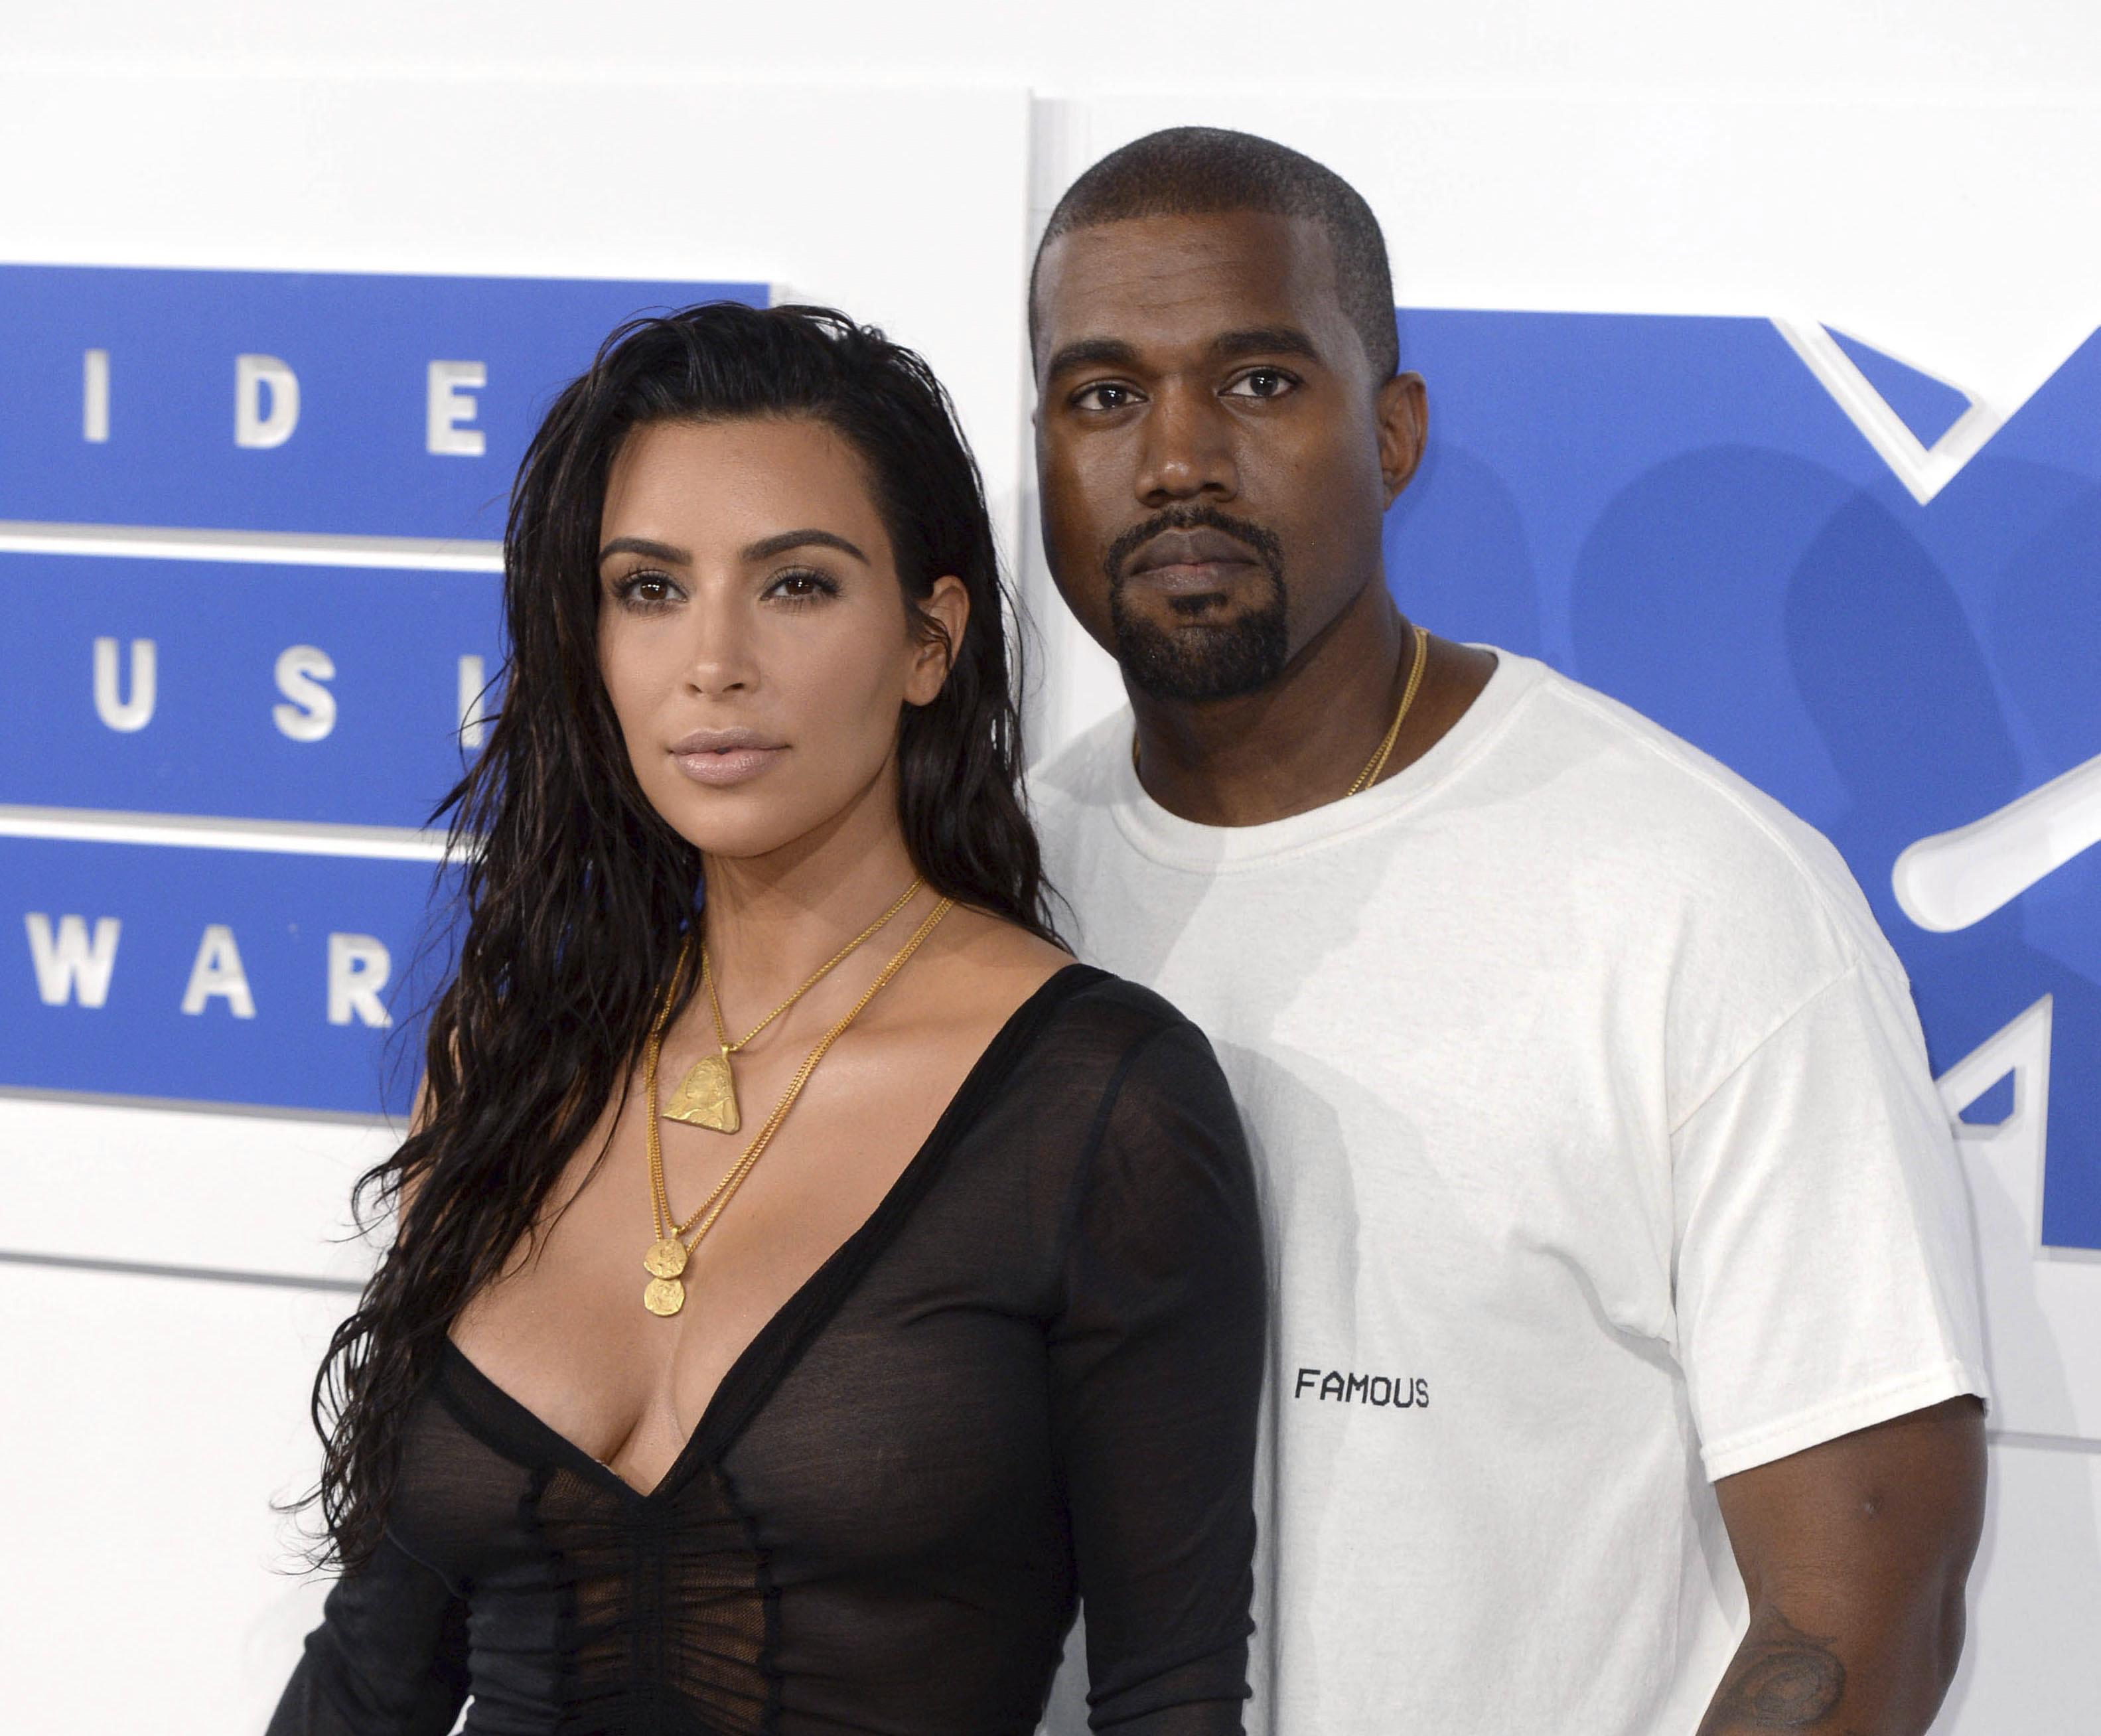 Kim Kardashian West Attends Kanye West Event in Wedding Dress: Reports – WWD